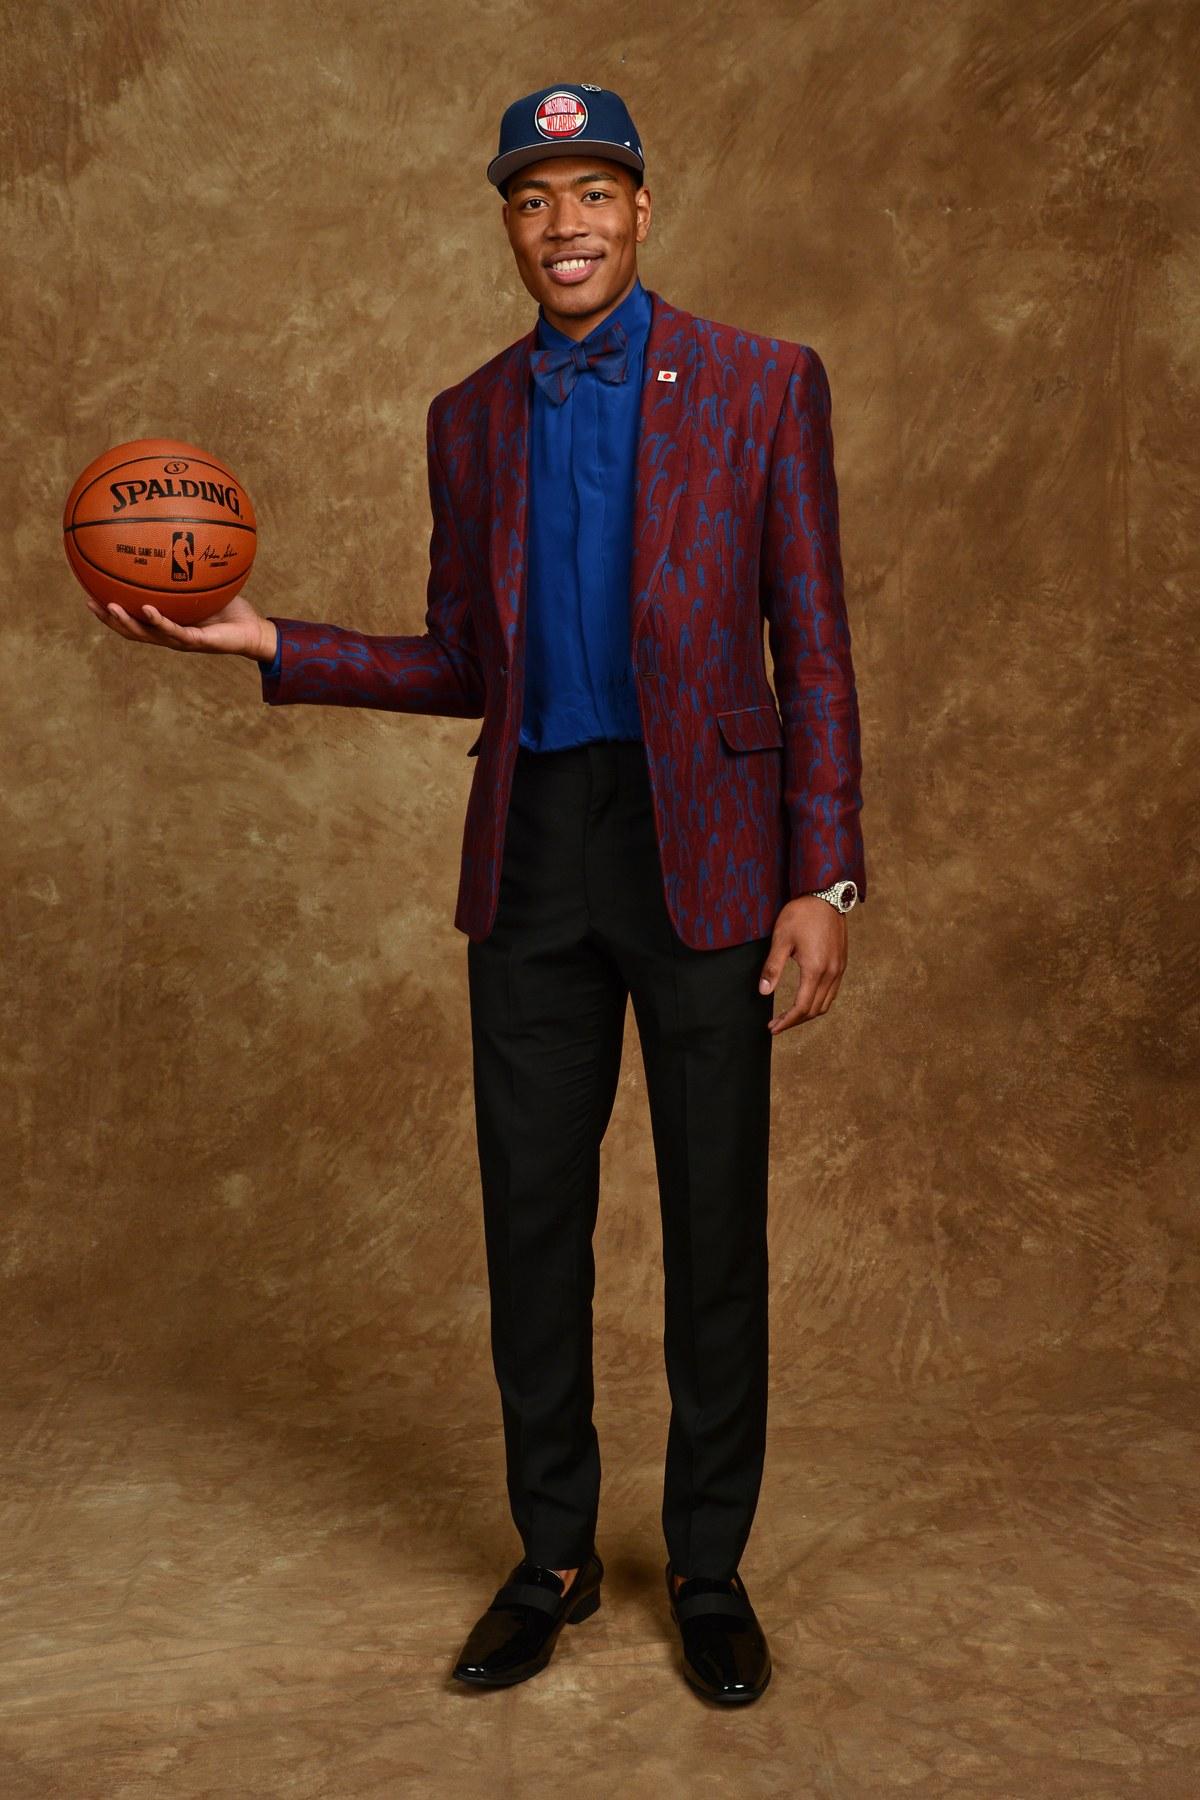 Rui Hachimura O primeiro japonês a entrar na primeira rodada do draft da NBA também mostrou uma forma elegante de usar estampa no traje. Usando um mesmo universo de cores em todas as peças, ele deixa o visual com mais sintonia e chama atenção de uma forma positiva.